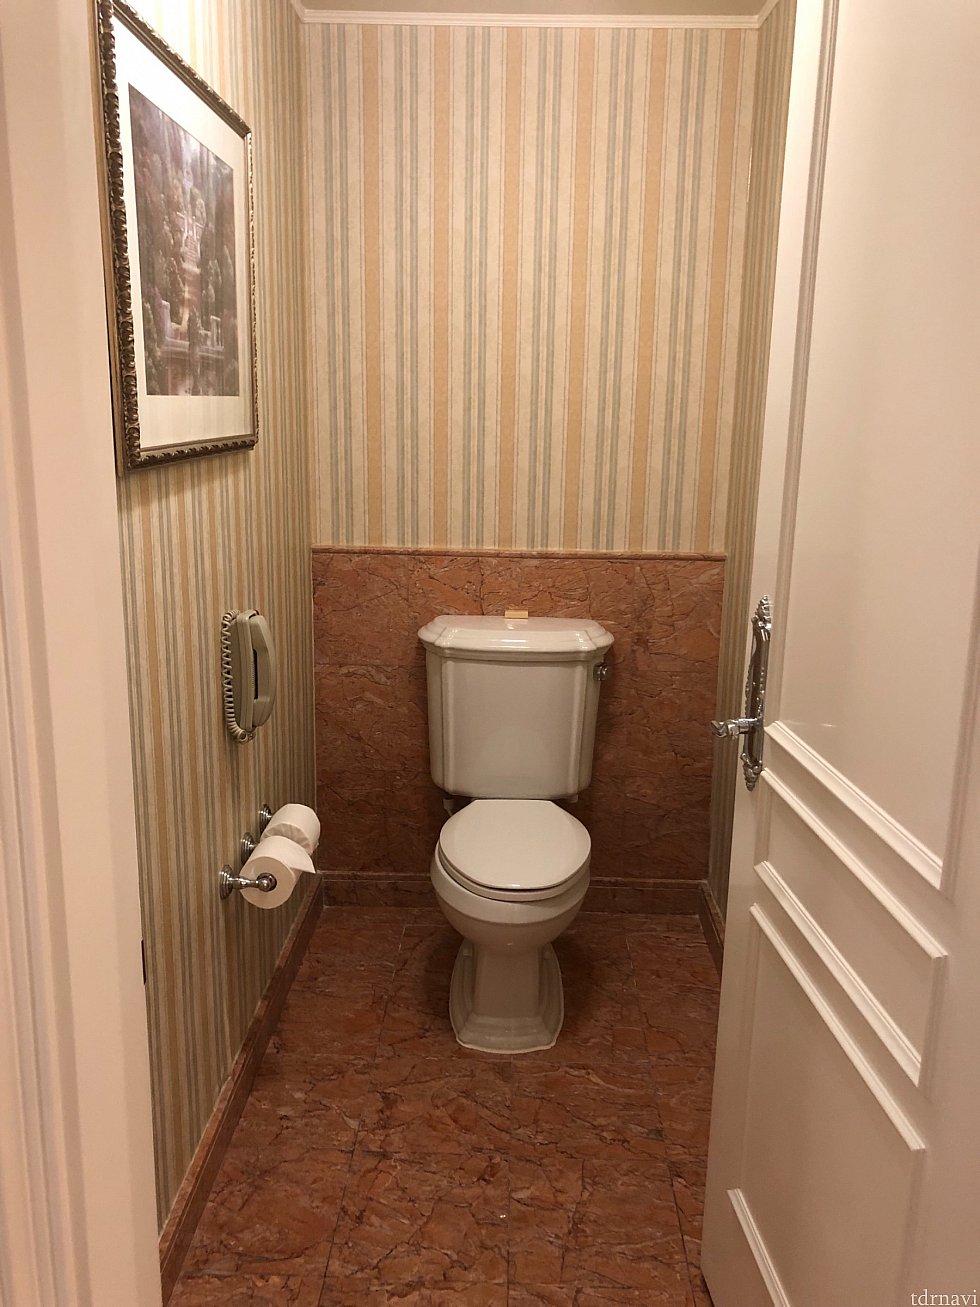 バスルームエリアに入って左側手前に2つめの御手洗